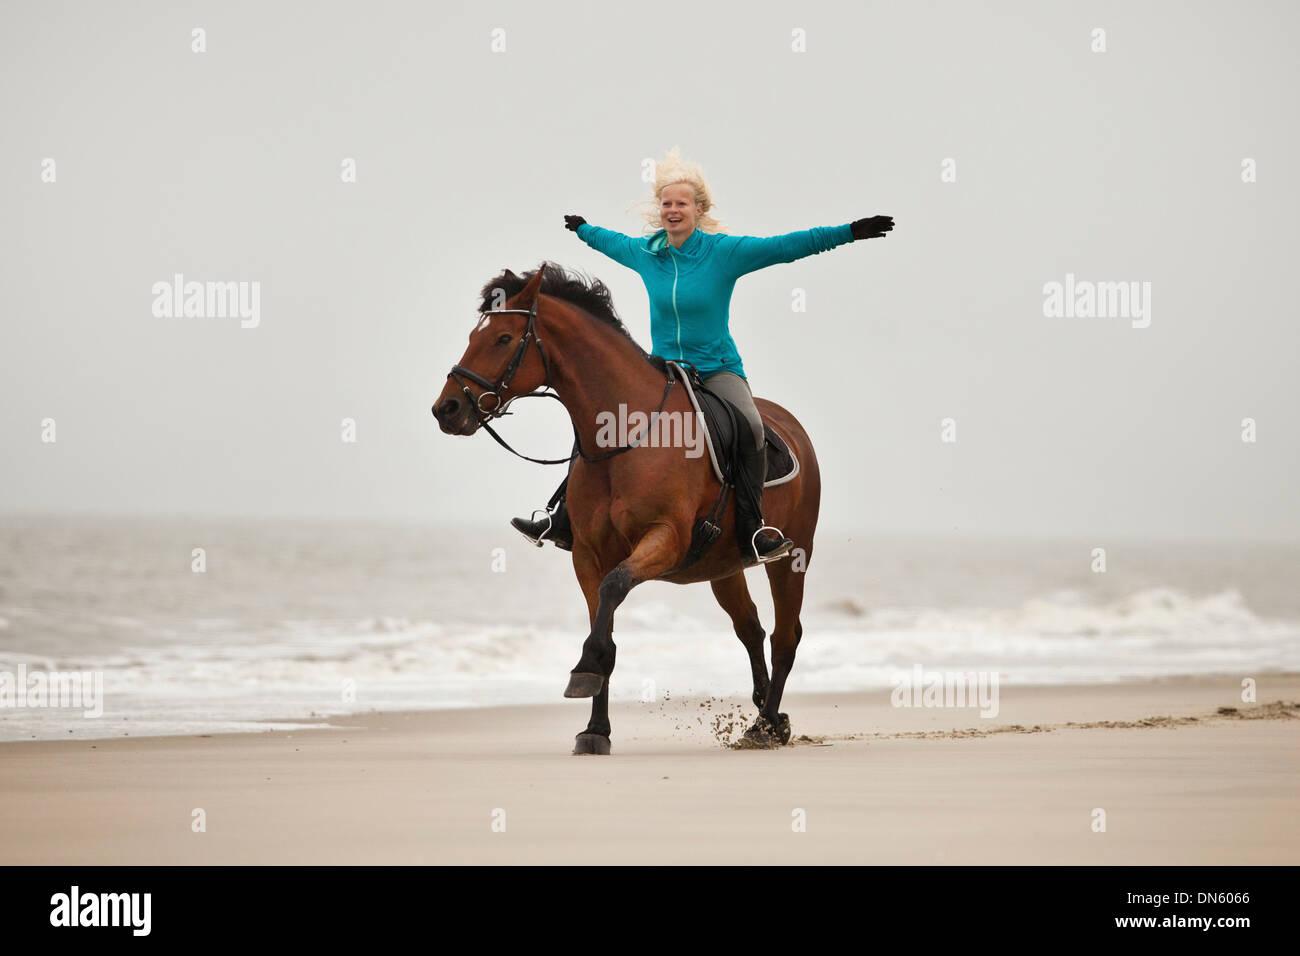 Mujer caballo freehand en un andaluz half-breed castrado, vistiendo un inglés, en la playa de herradura de Borkum, Baja Sajonia Foto de stock